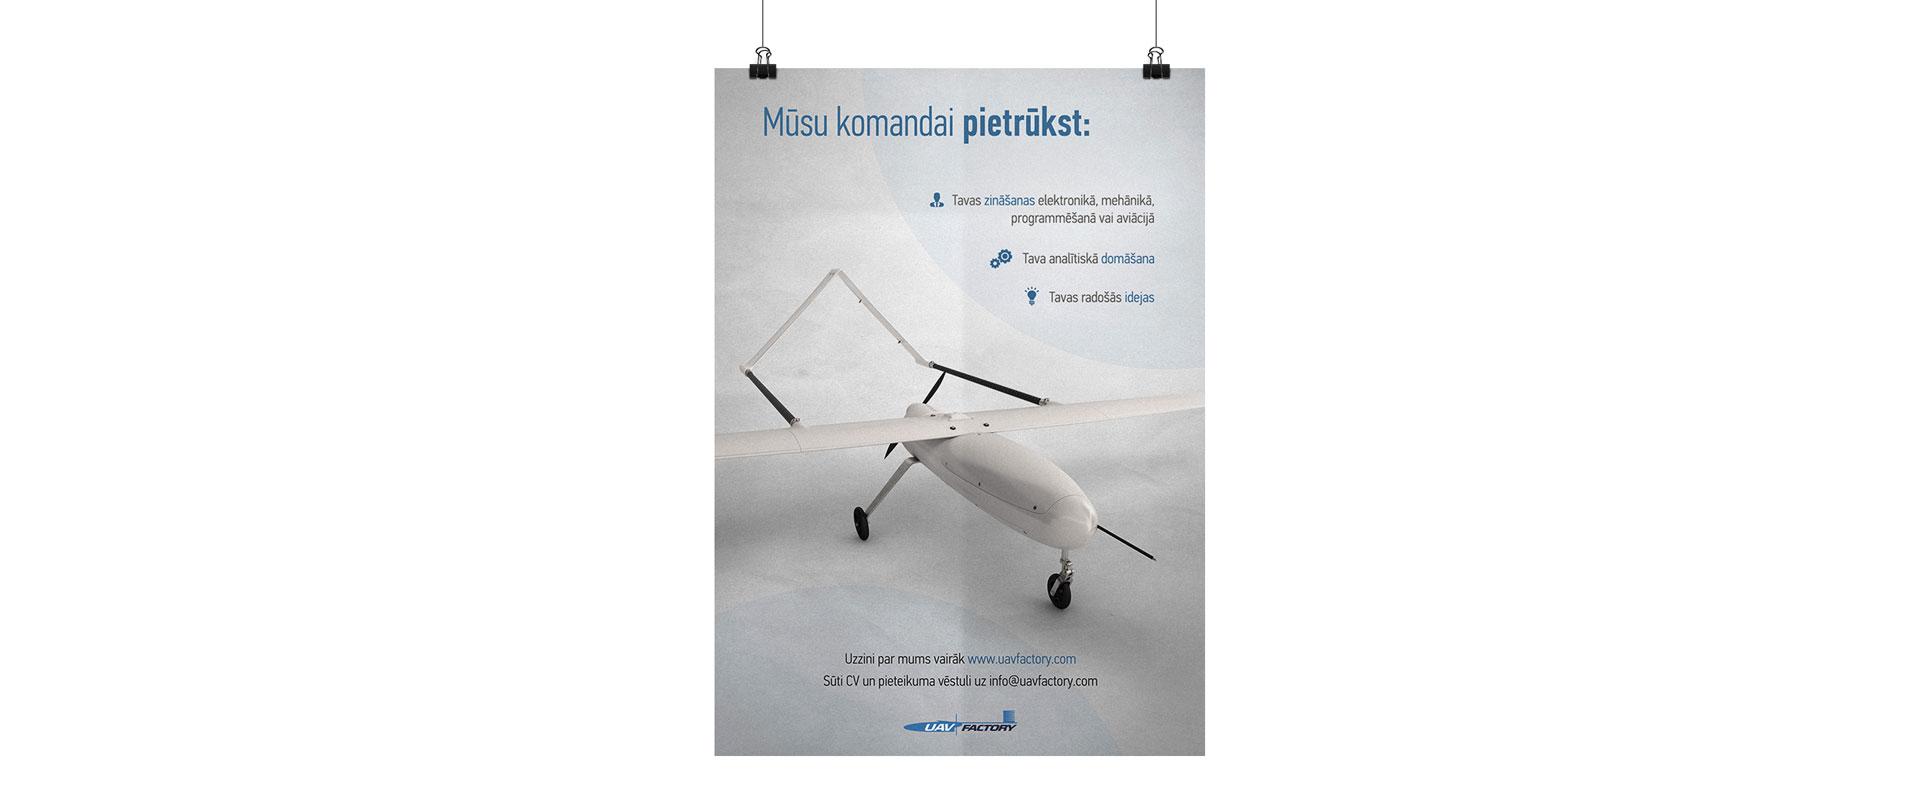 uav-poster-2